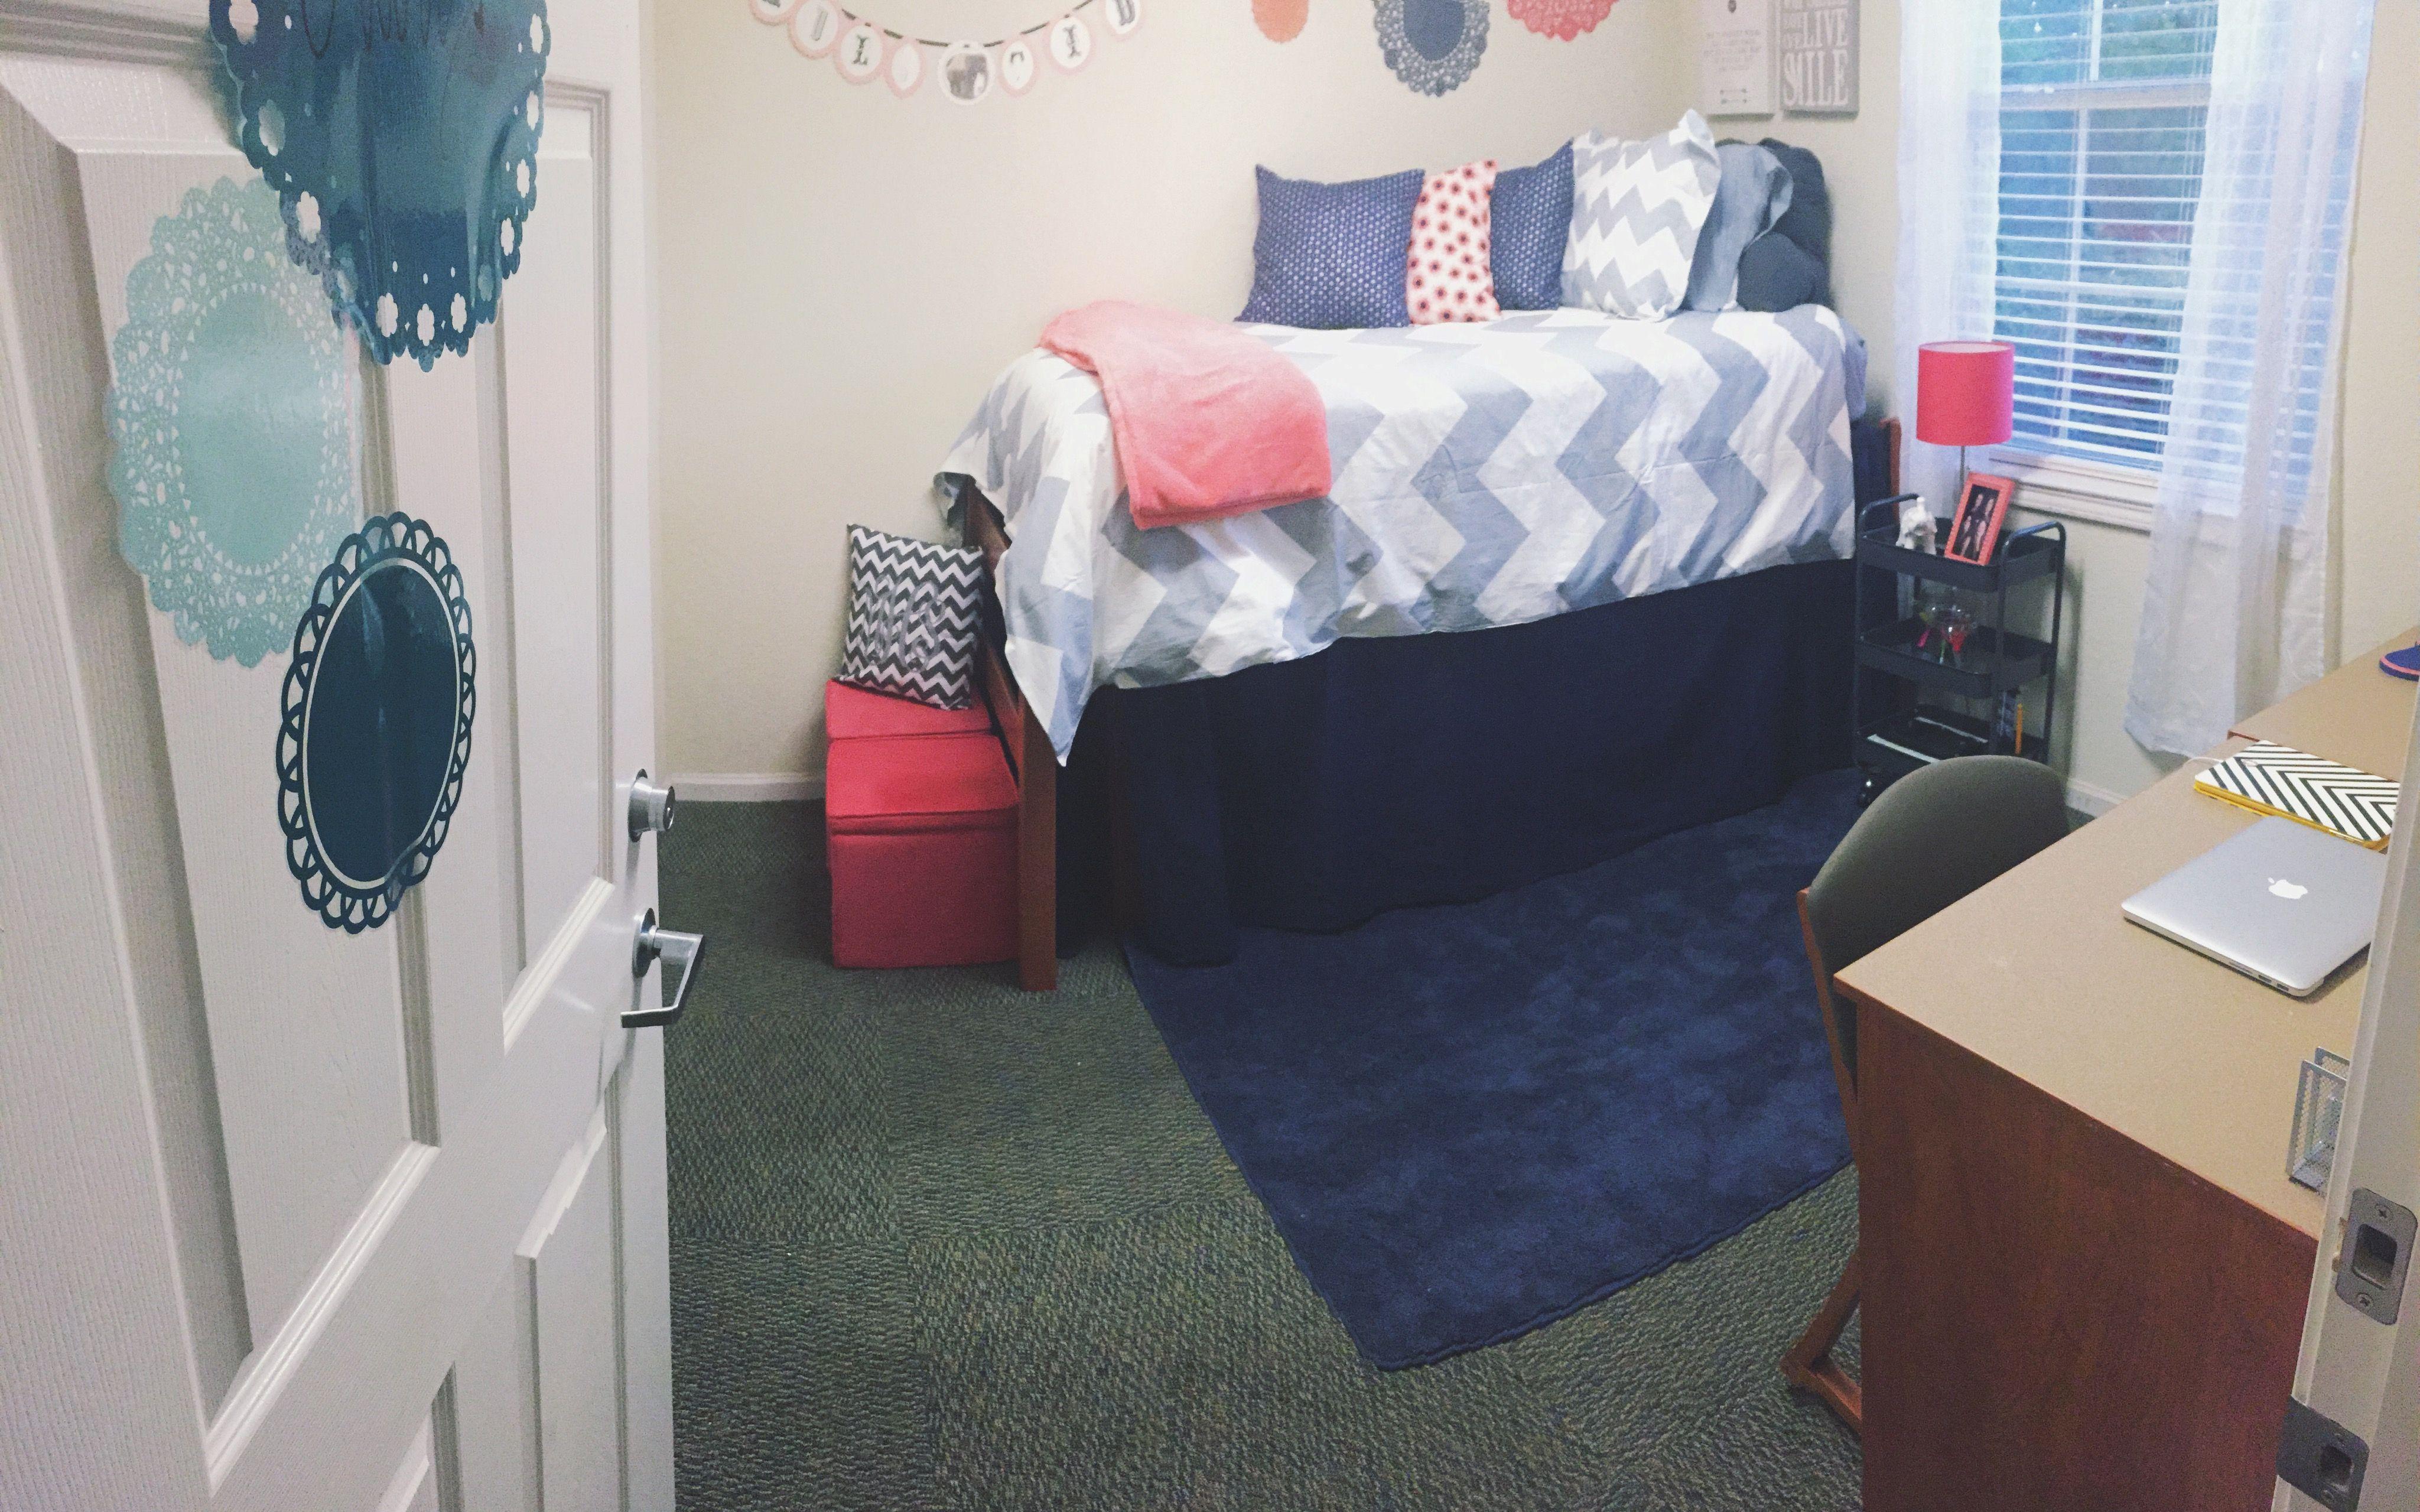 Lakeside West dorm at the University of Alabama